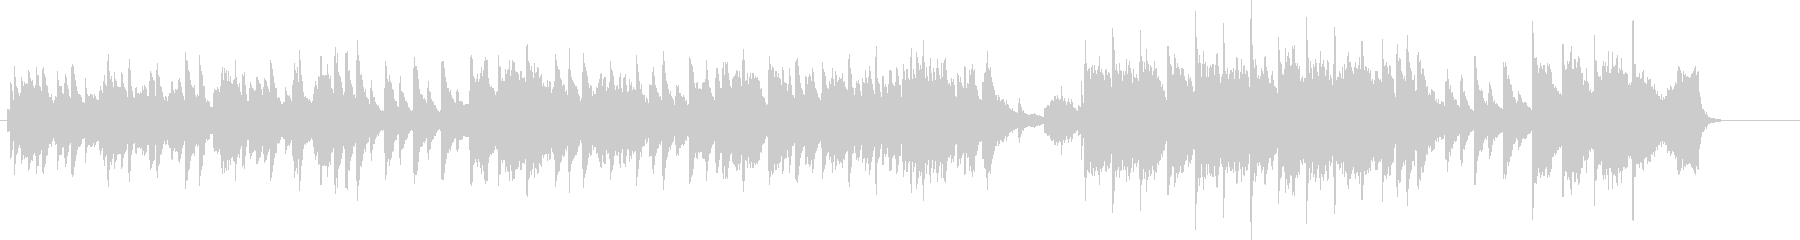 ピアノがメインのバラードBGMの未再生の波形